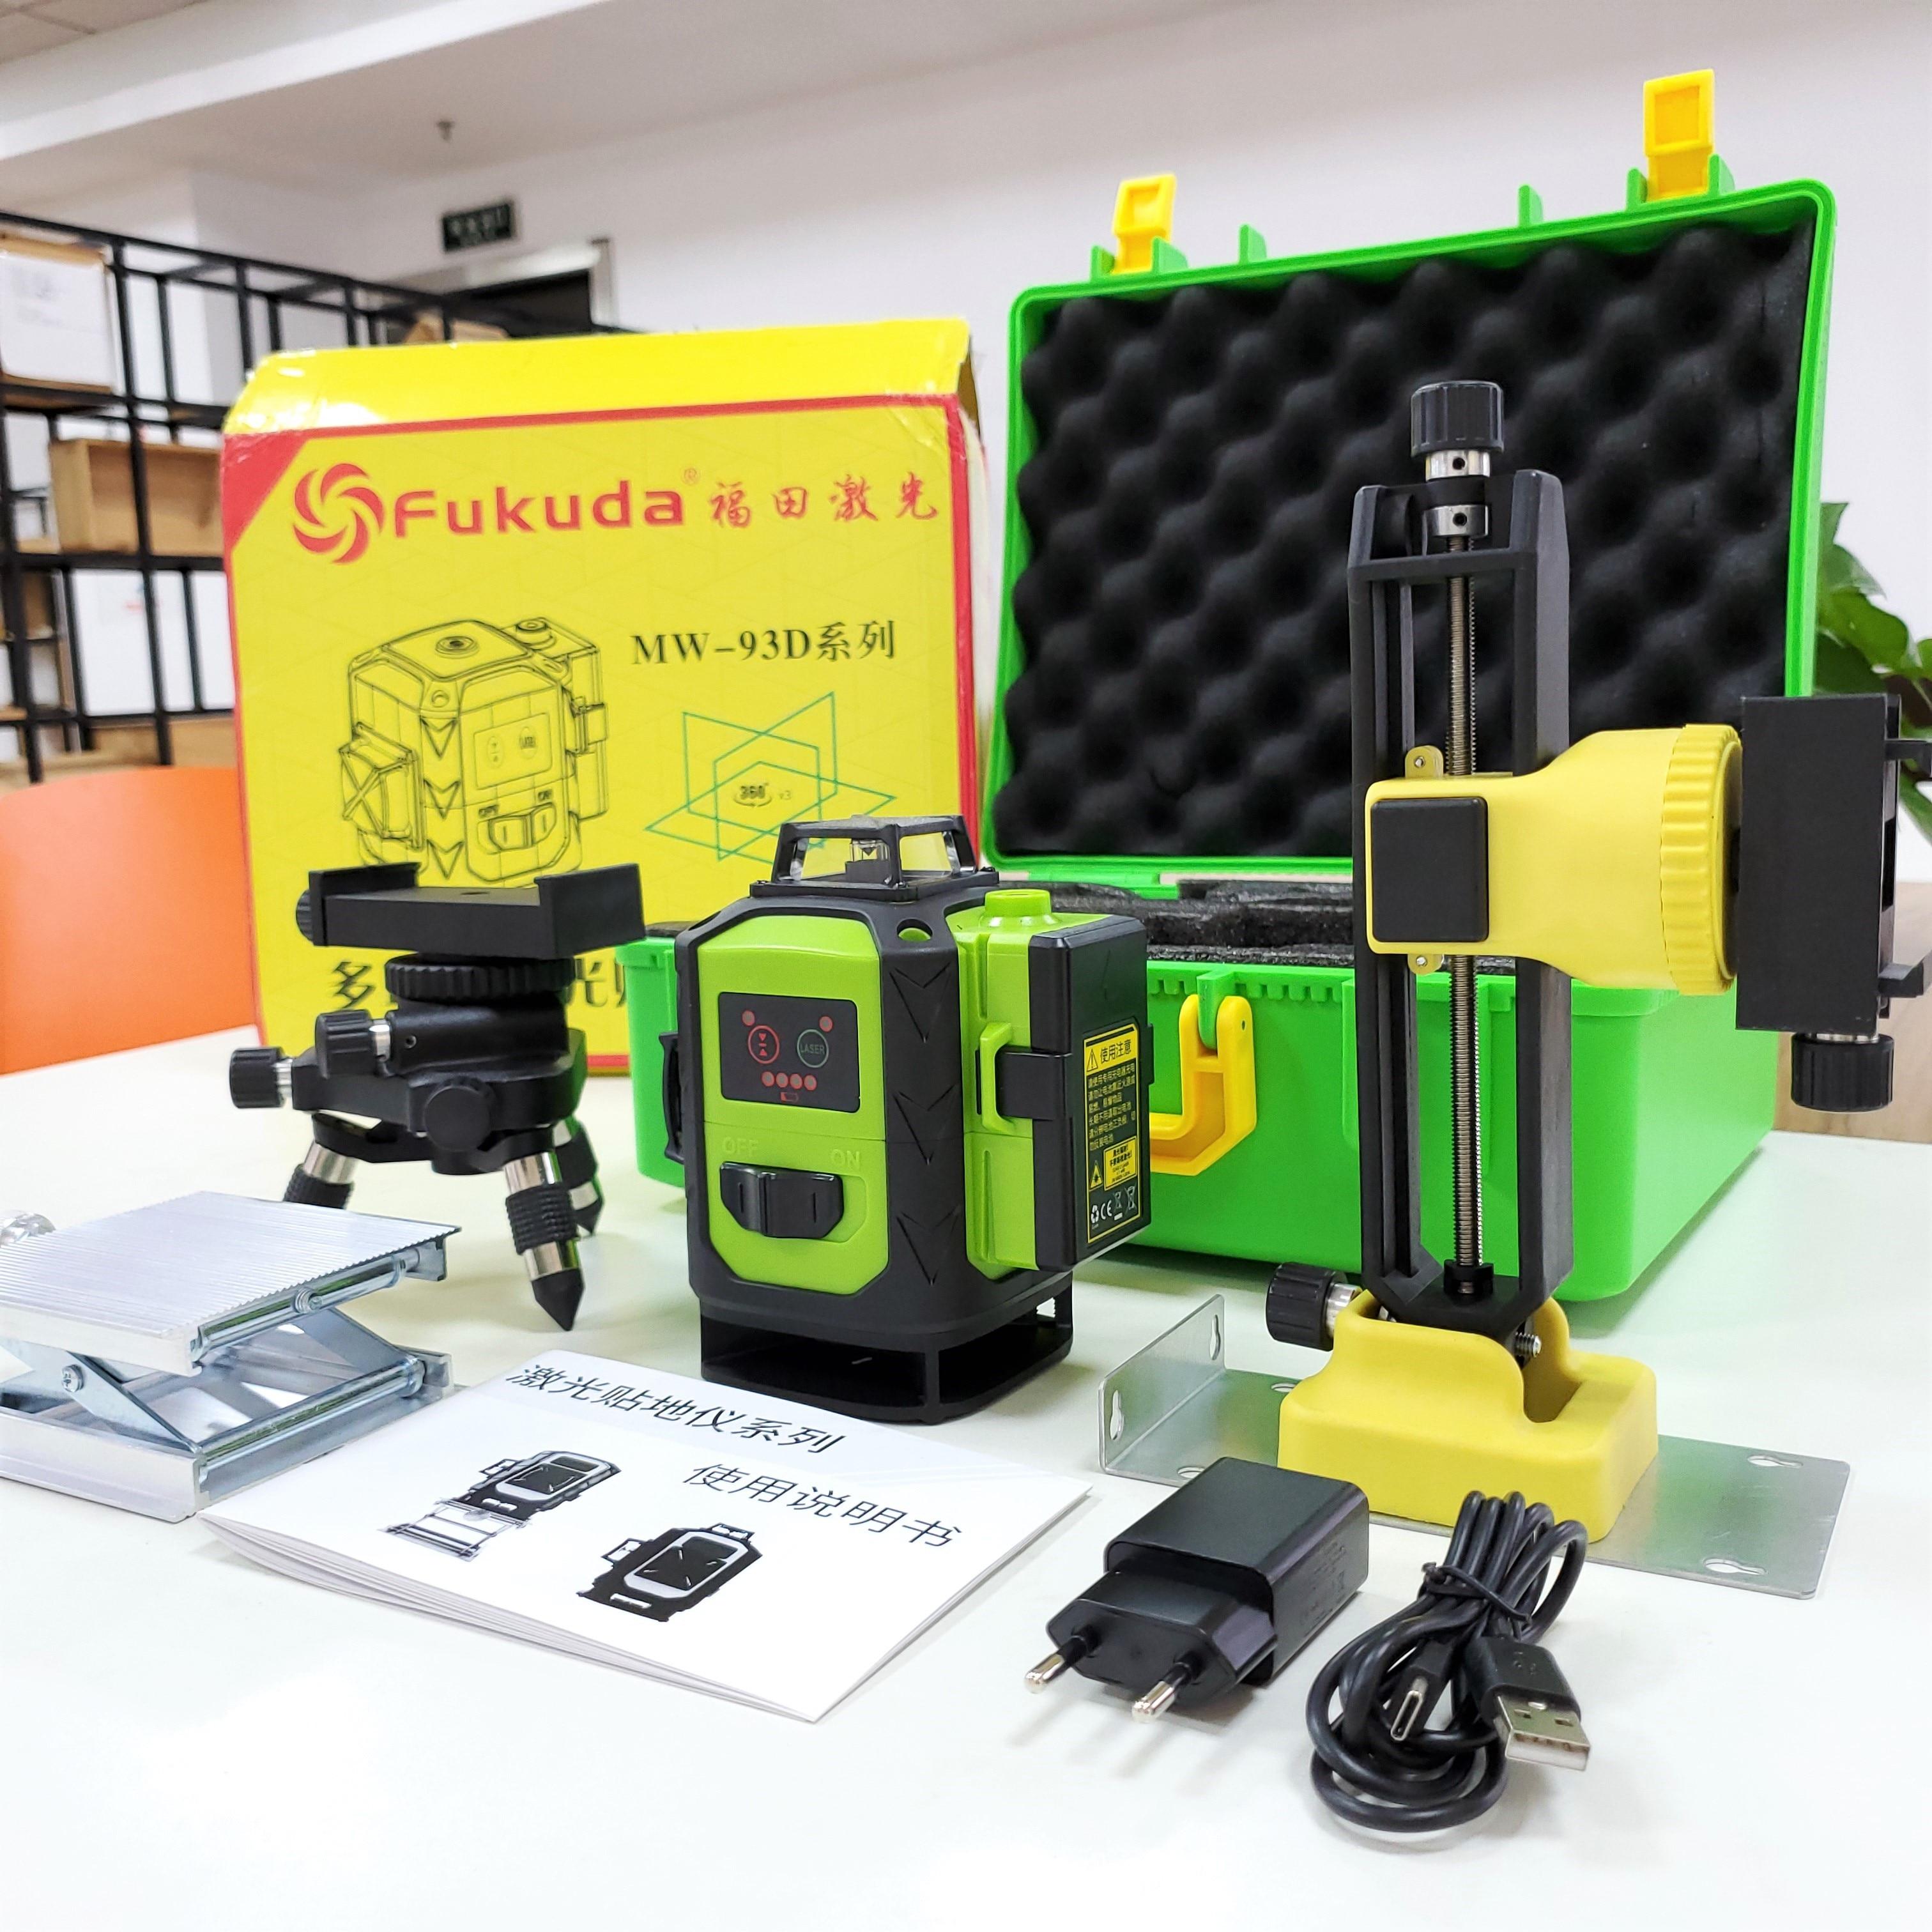 فوكودا 16 خط 4D شعاع أخضر 360 عمودي أفقي الذاتي التسوية الصليب للخارجية التحكم عن بعد مستوى الليزر